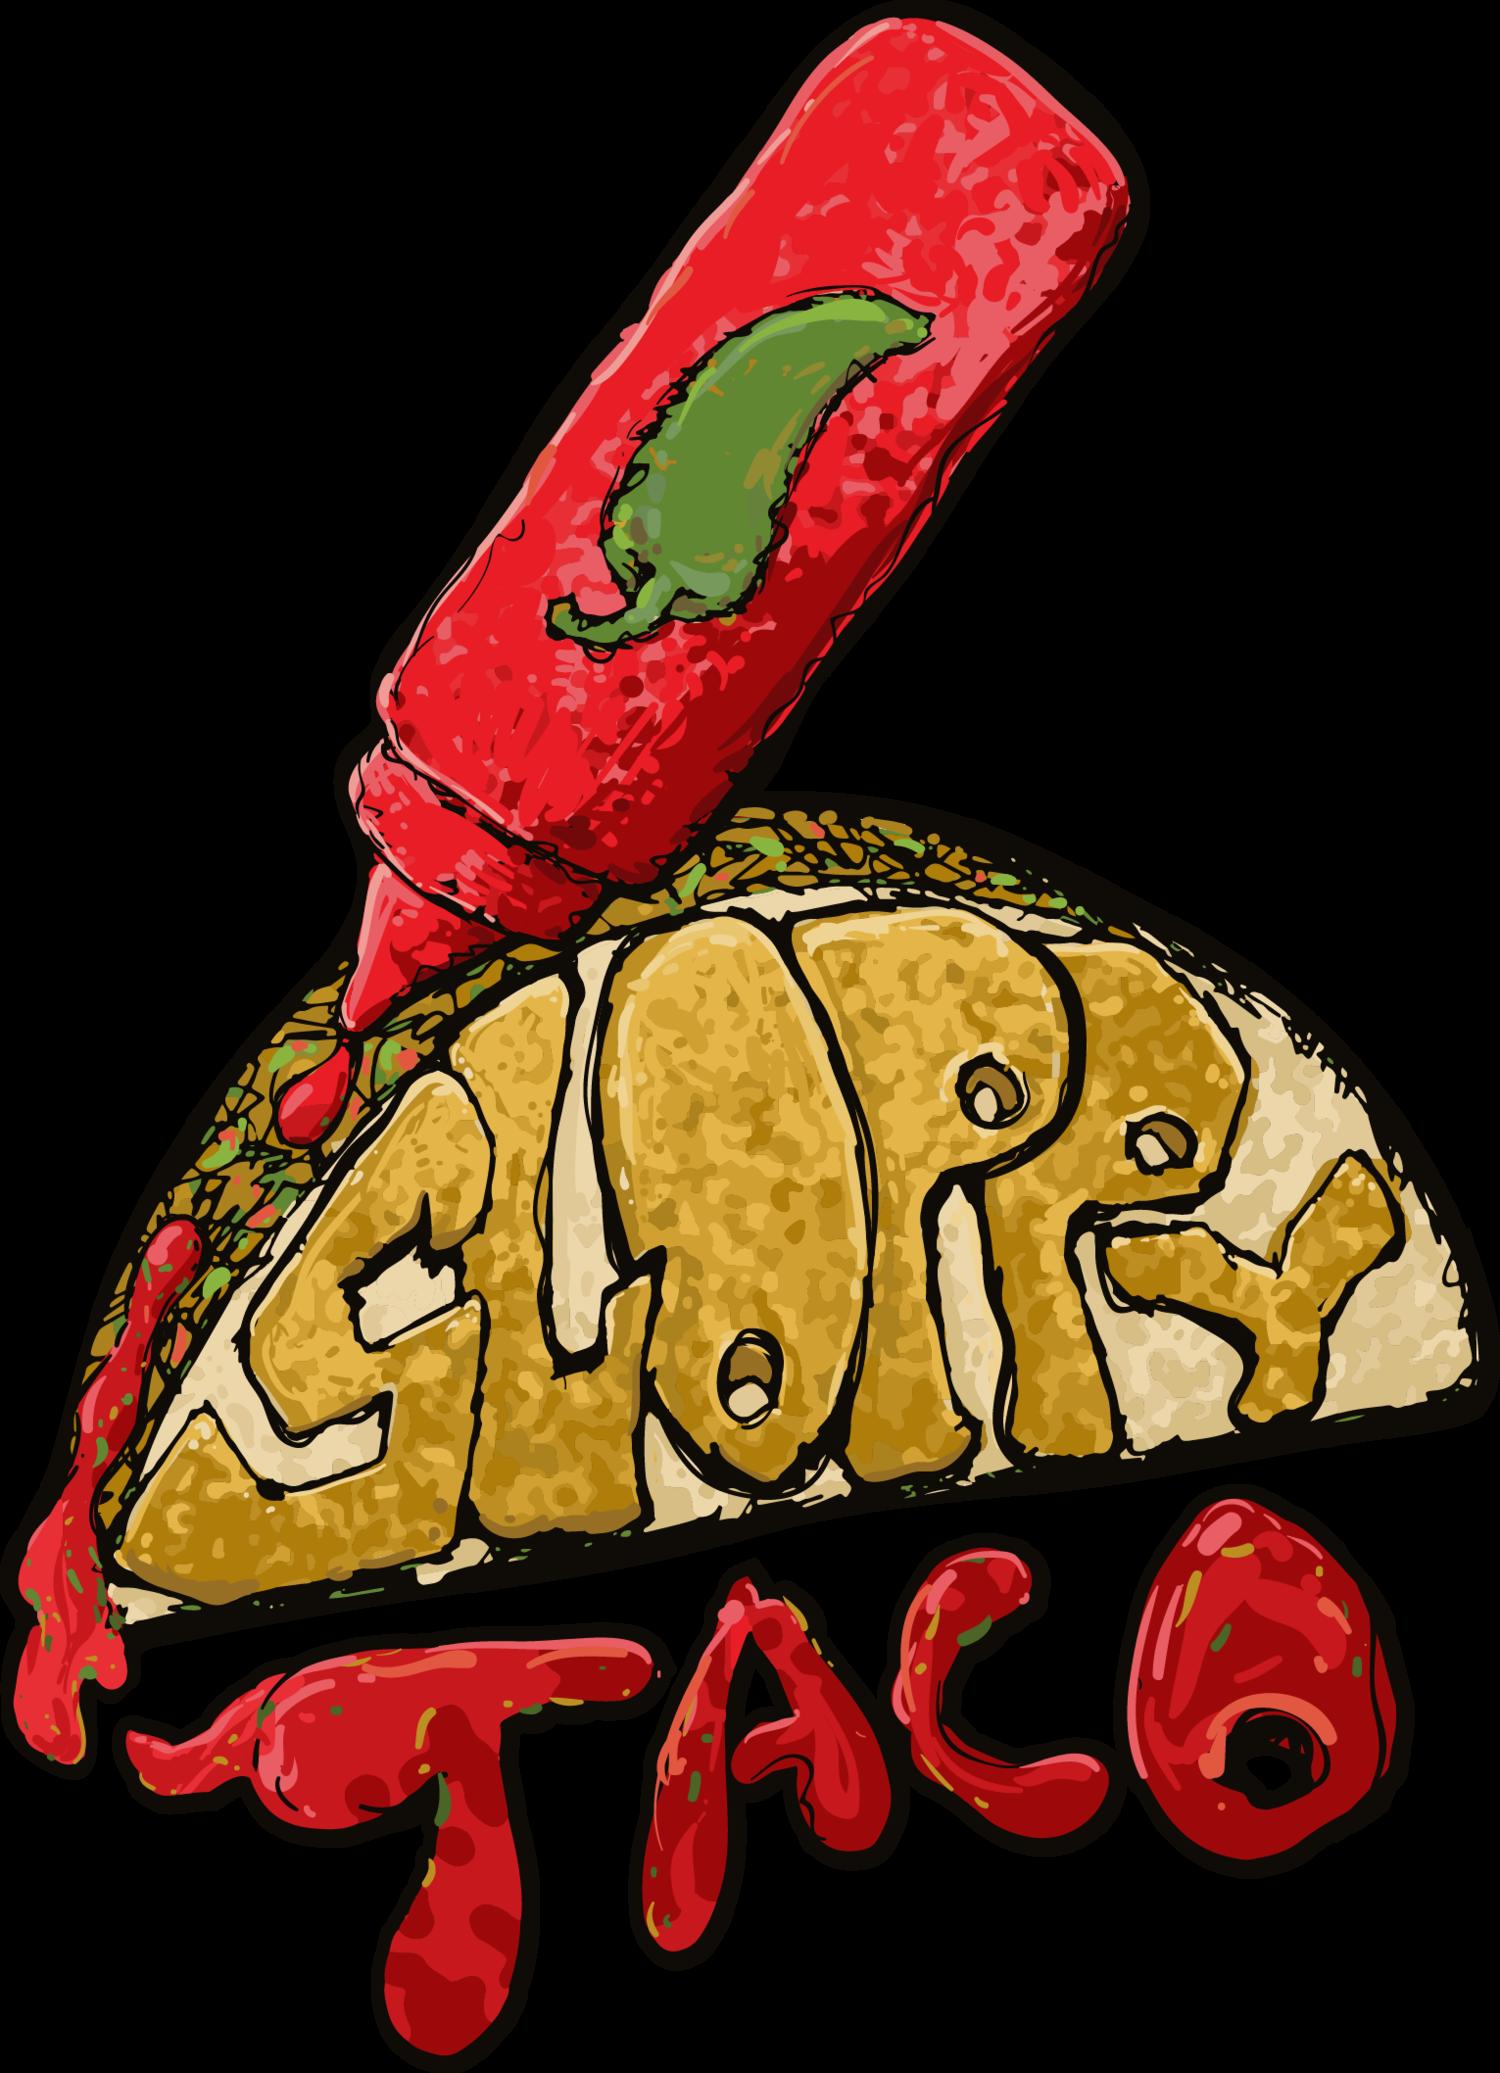 tacos clipart taco guy